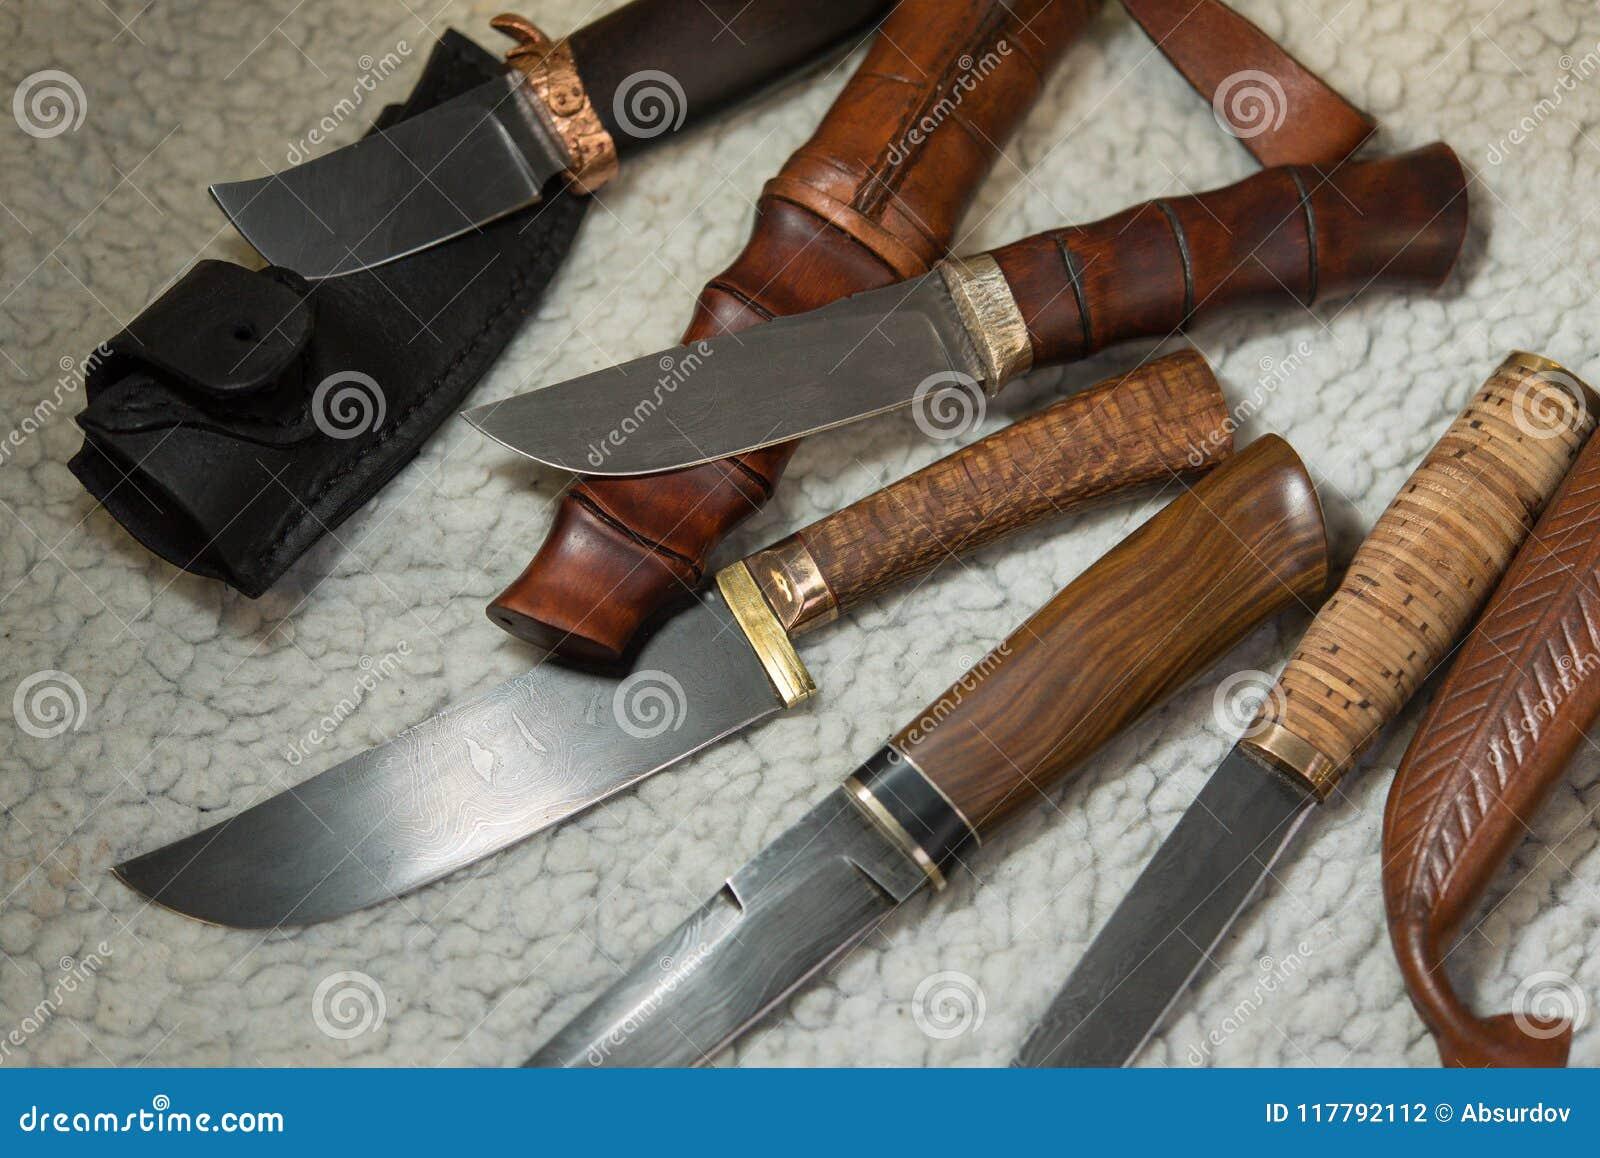 Cuchillos de caza del acero de damasco foto de archivo imagen de individual incisivo 117792112 - Cuchillo de cocina acero damasco ...